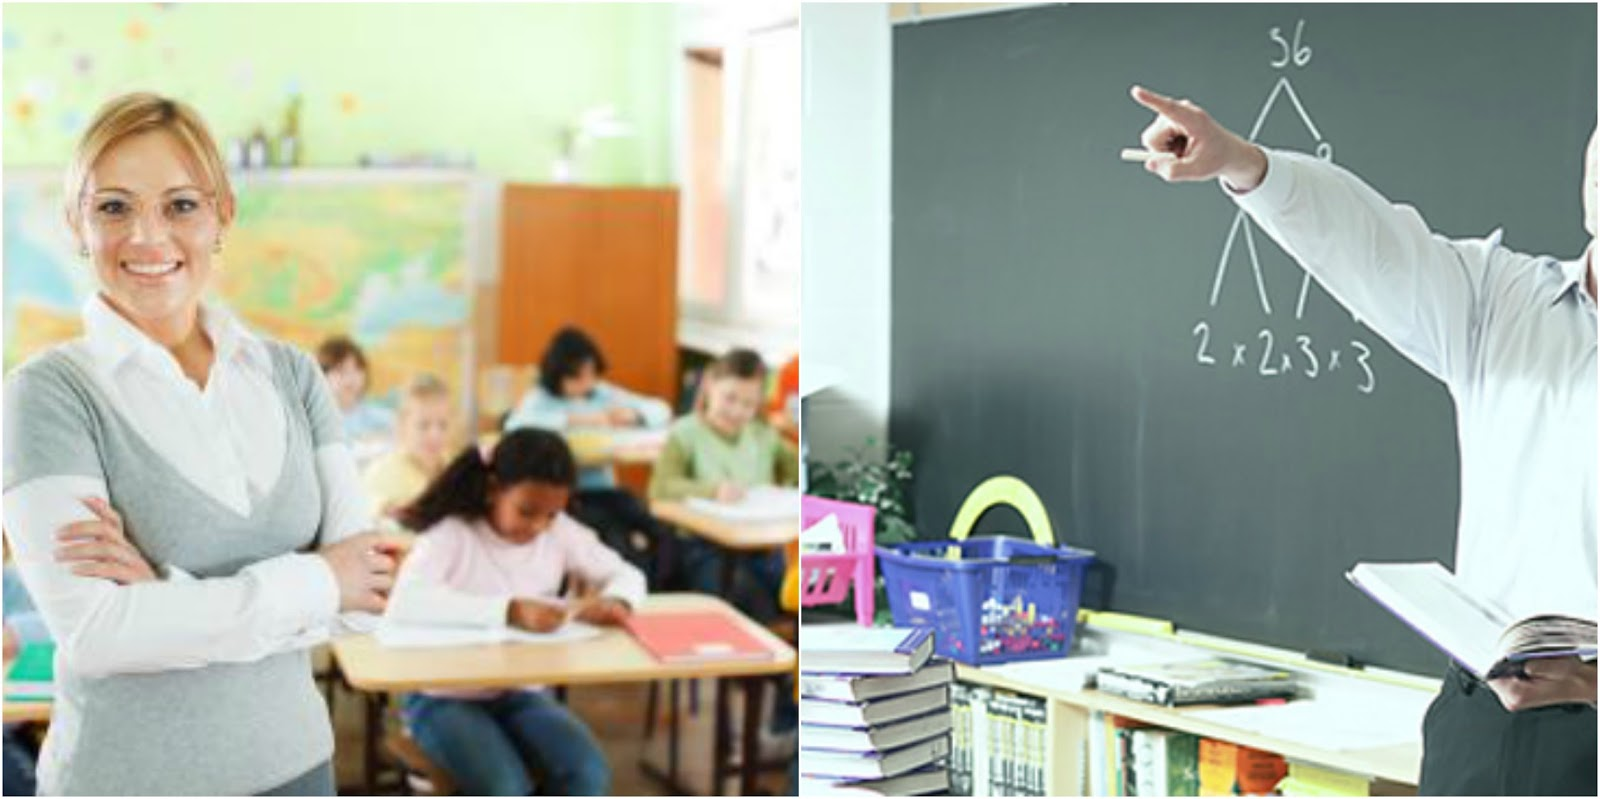 الان في مدرسة لايك في طبربور بحاجة إلى معلمات ومعلمين والمقابلات بشكل فوري